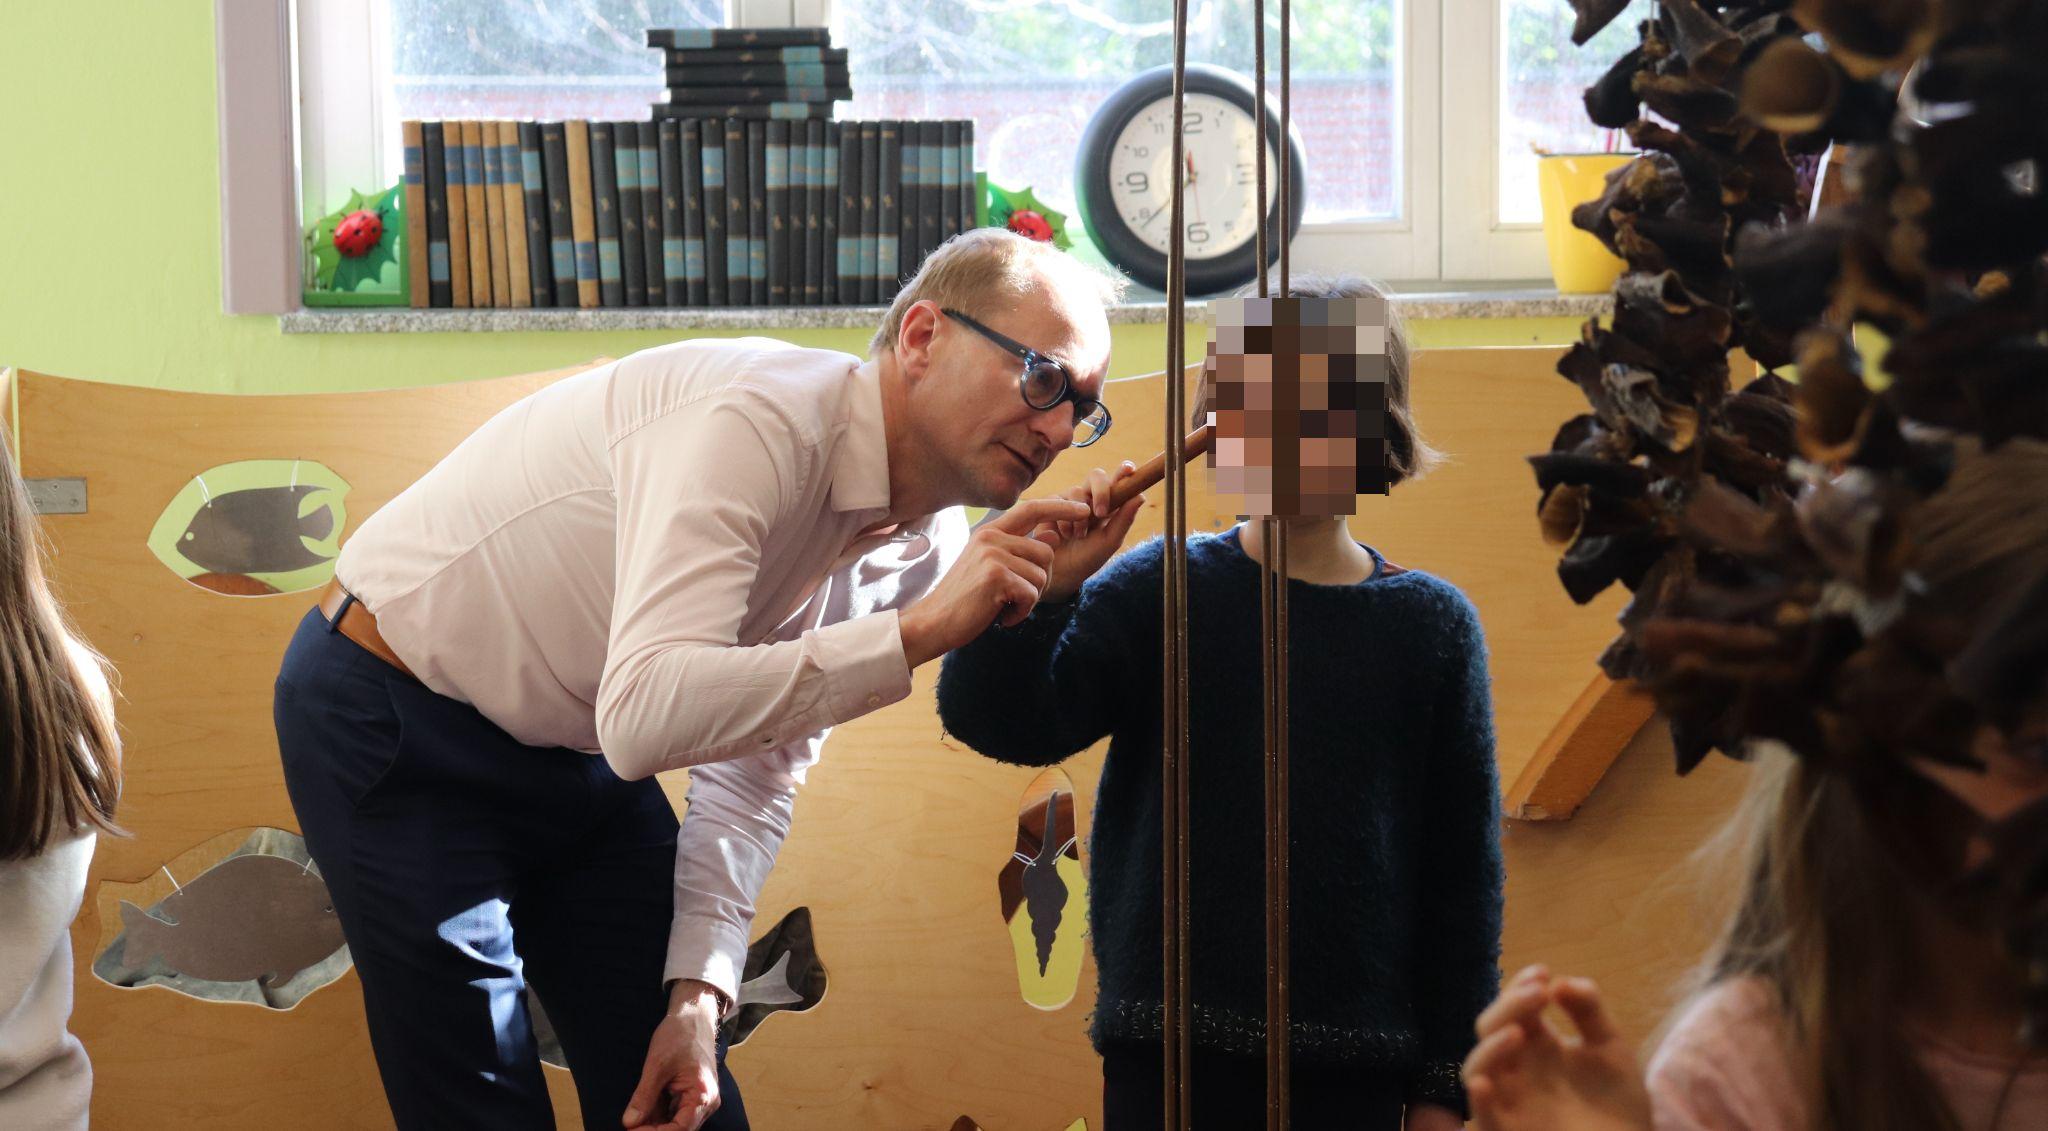 De minister bespeelt een instrument met een leerling